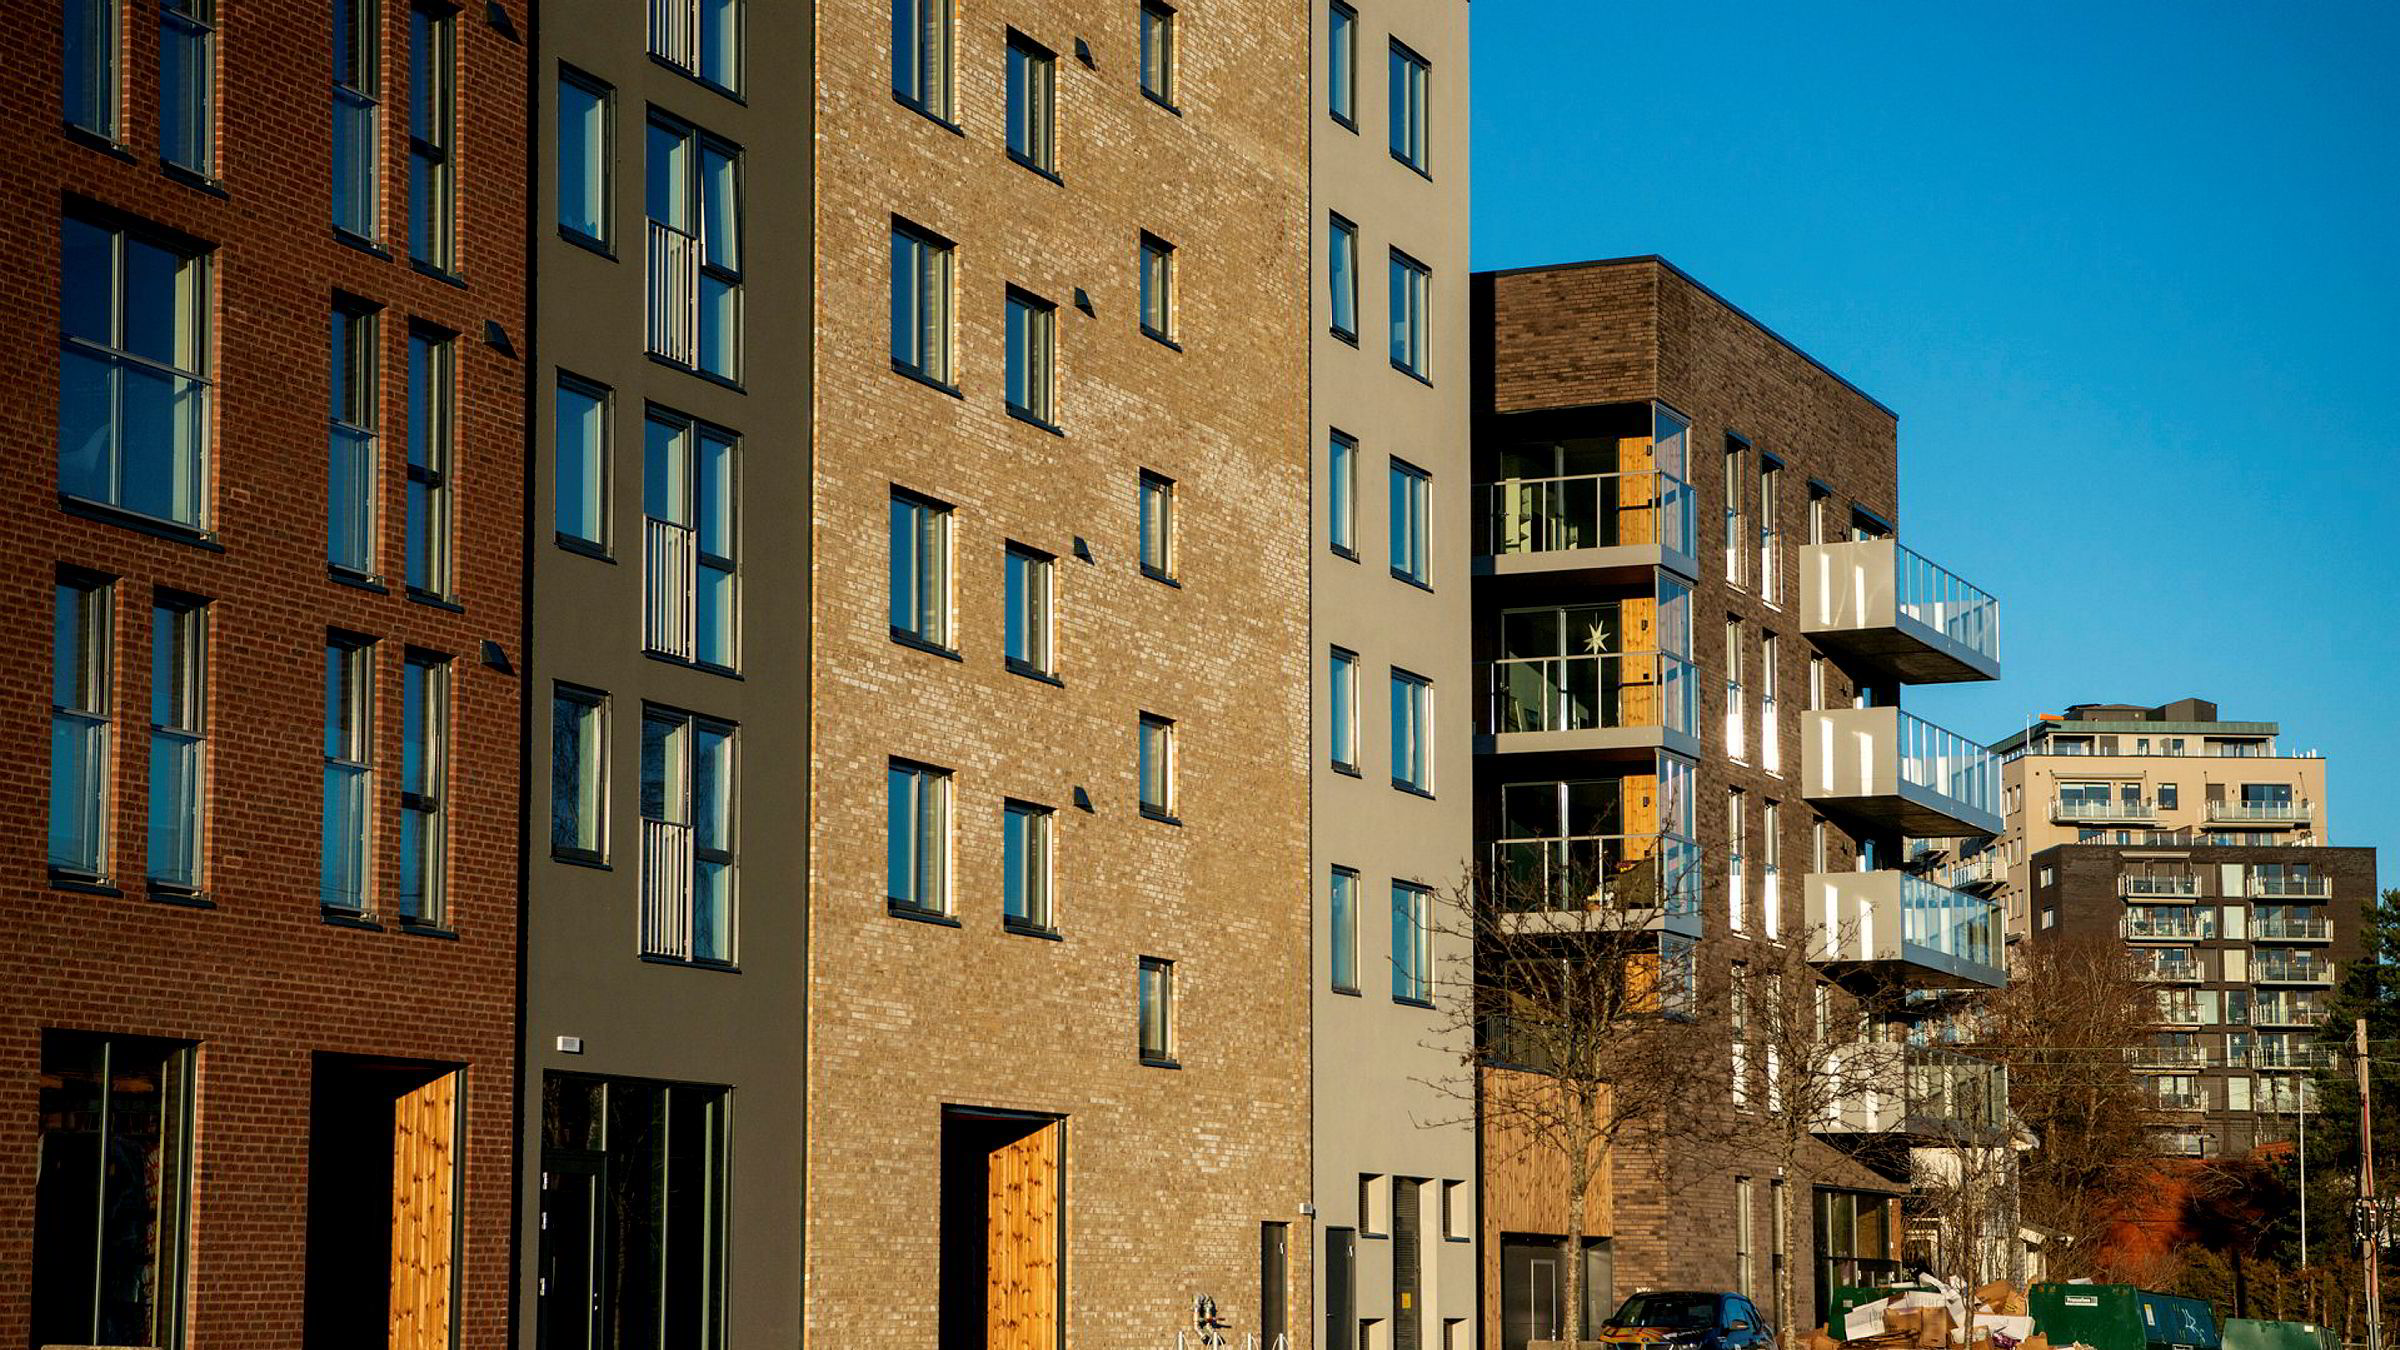 Flere typer midlertidige sjokk i økonomien har gitt mindre boligprisfall, skriver Mari O. Mamre.